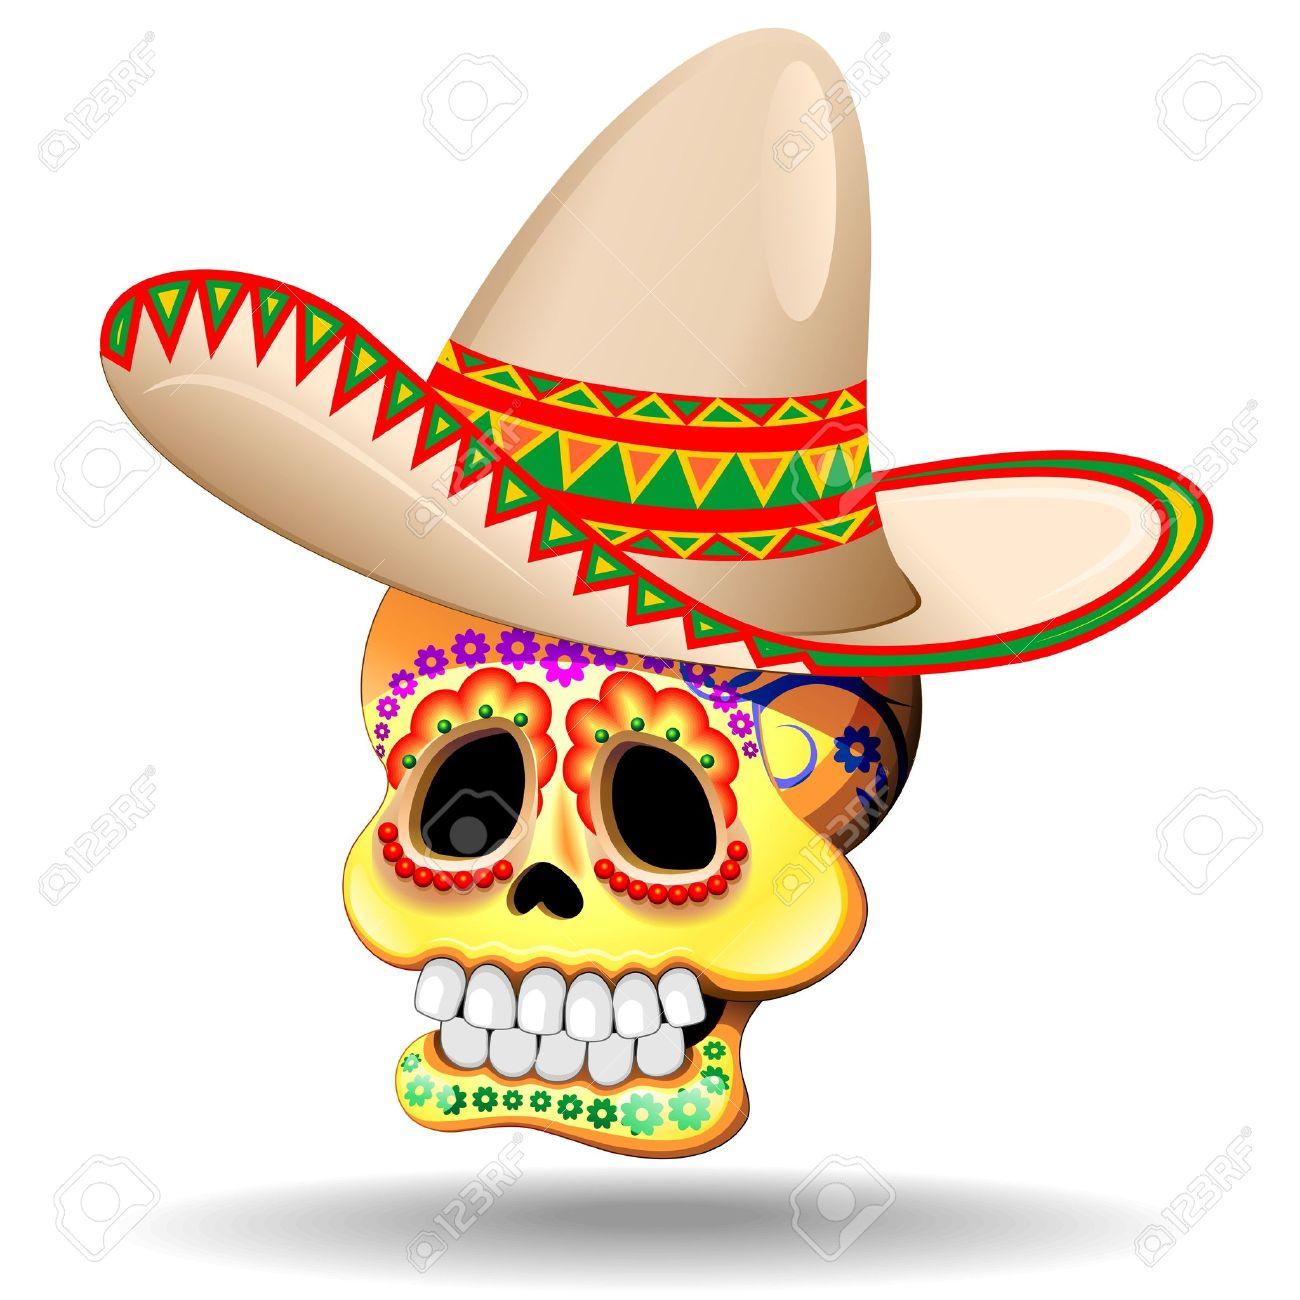 Sugar Skull Calaveras with Sombrero Stock Vector - 18297698